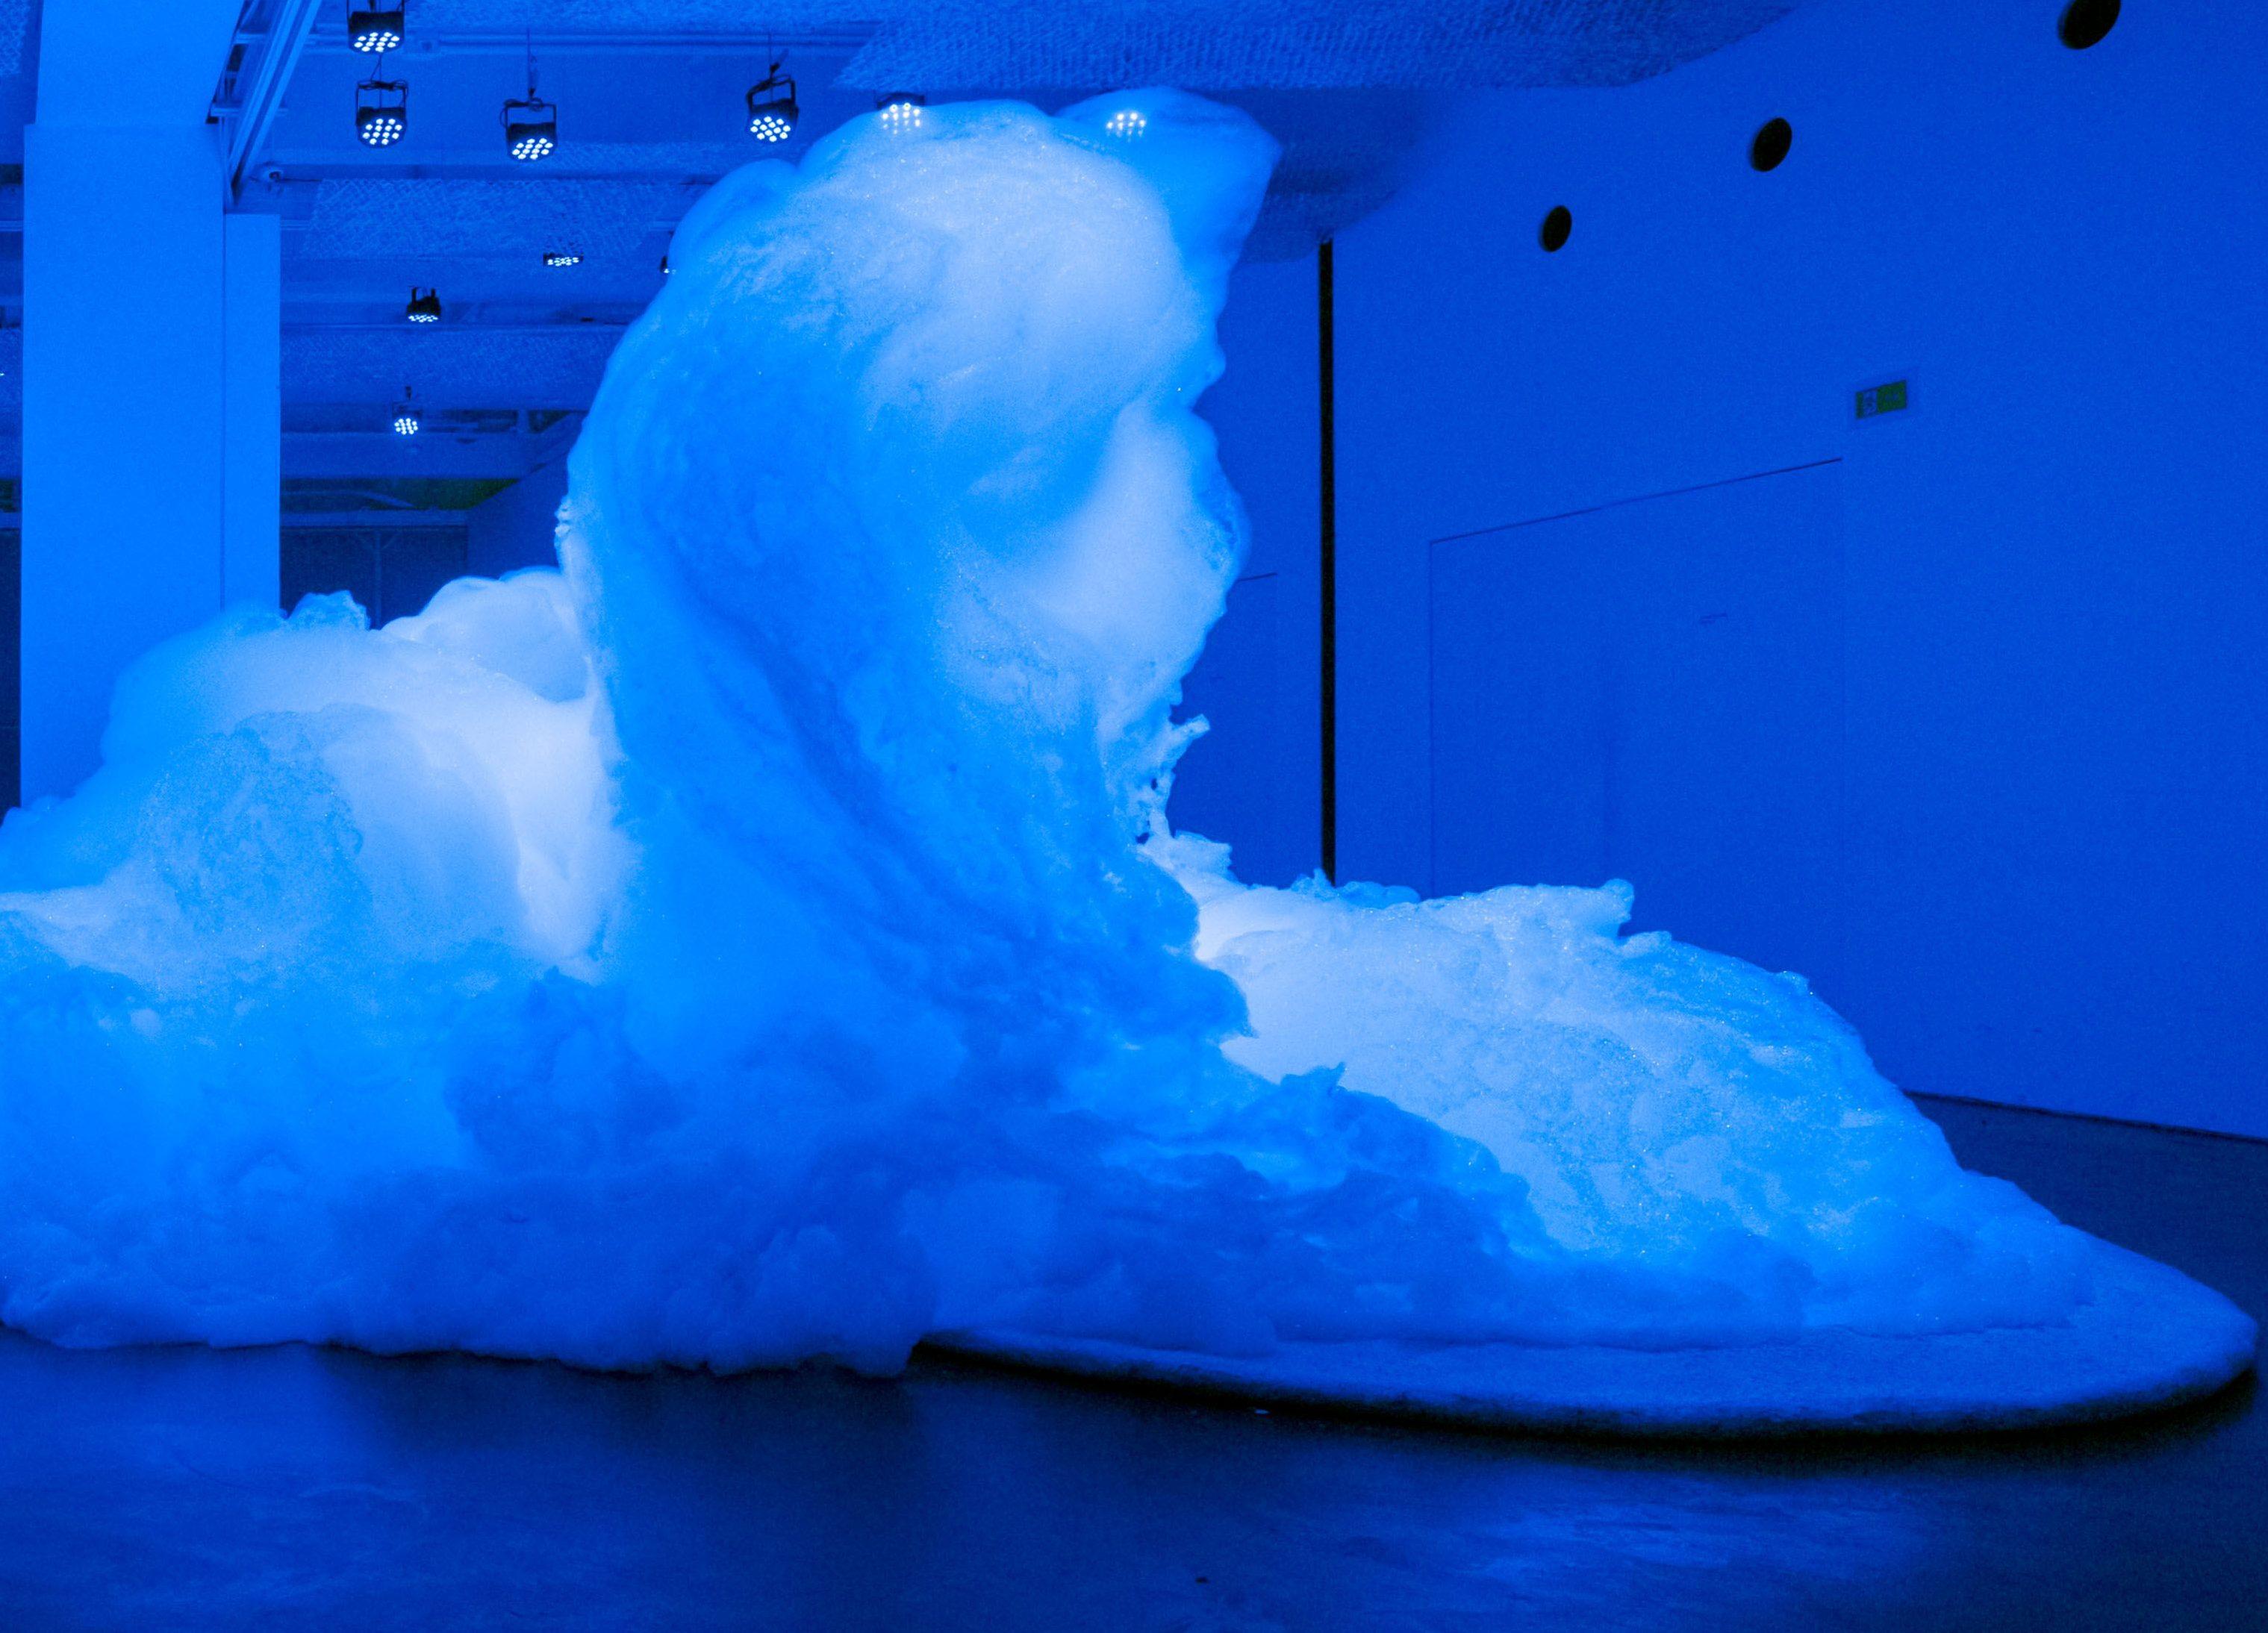 Exposição 'Espuma', de Kohei Nawa. A escultura efêmera aconteceu nos meses de setembro, outubro e novembro de 2017